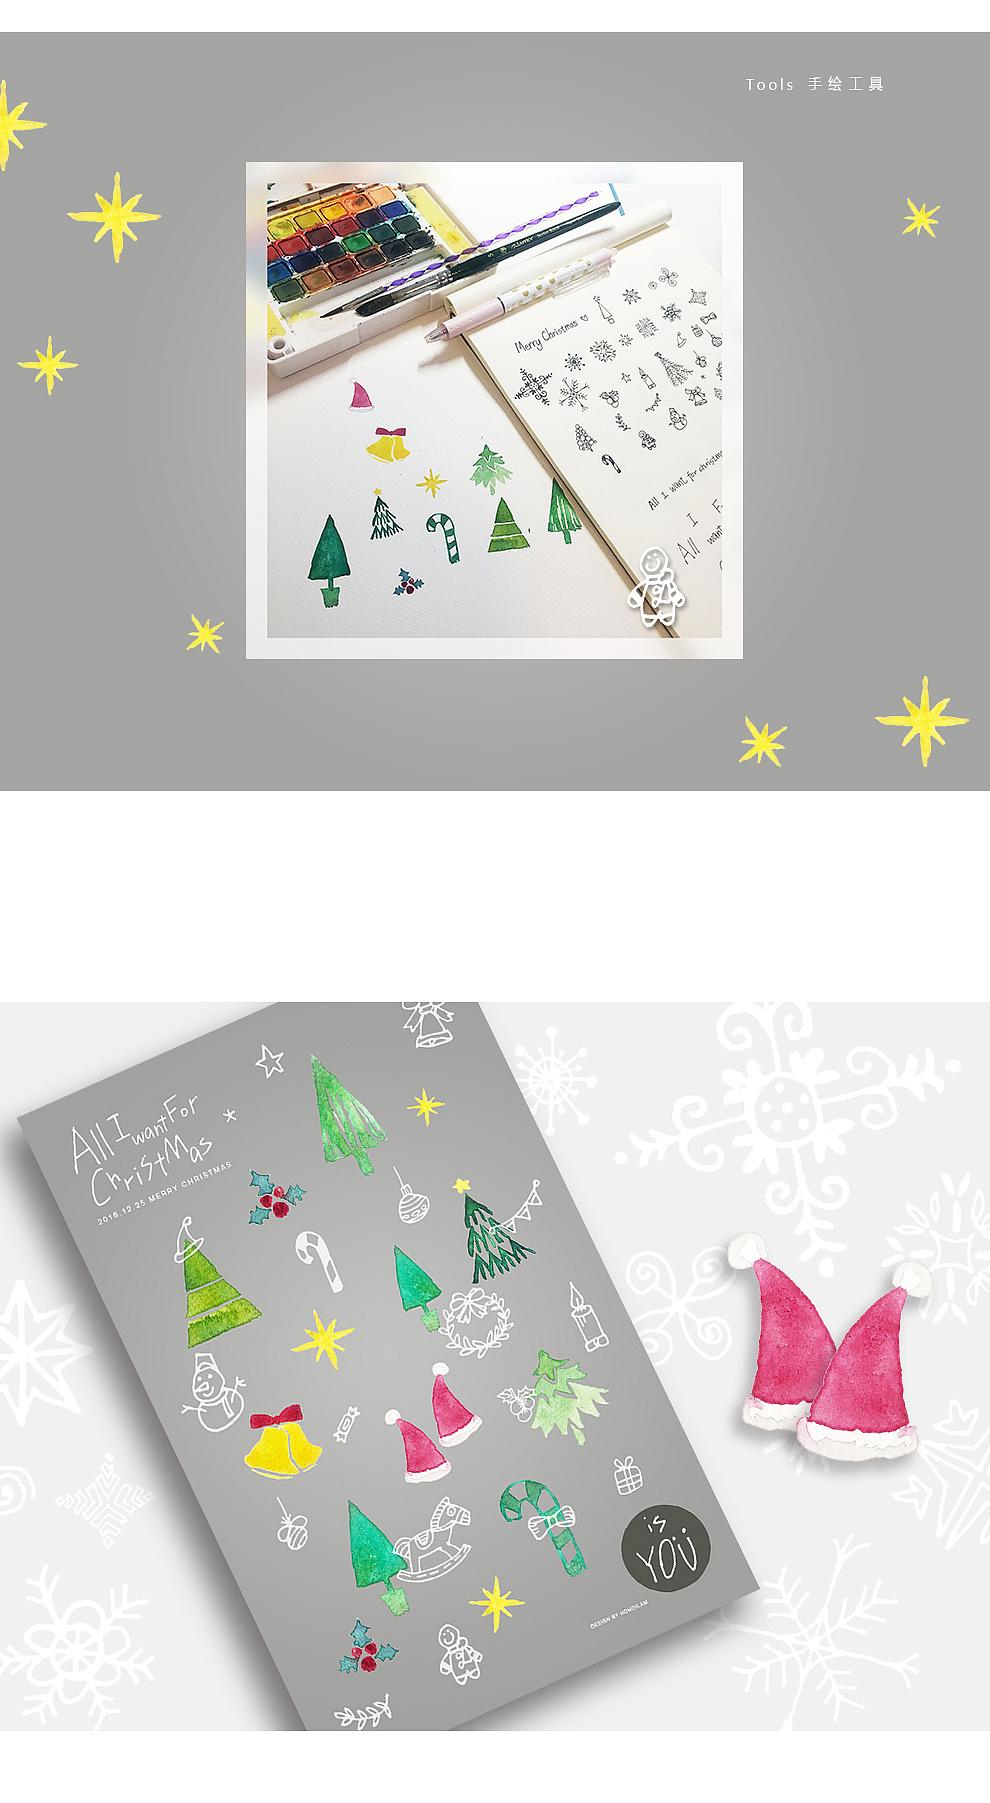 圣诞主题海报 手绘结合平面 圣诞表白贴